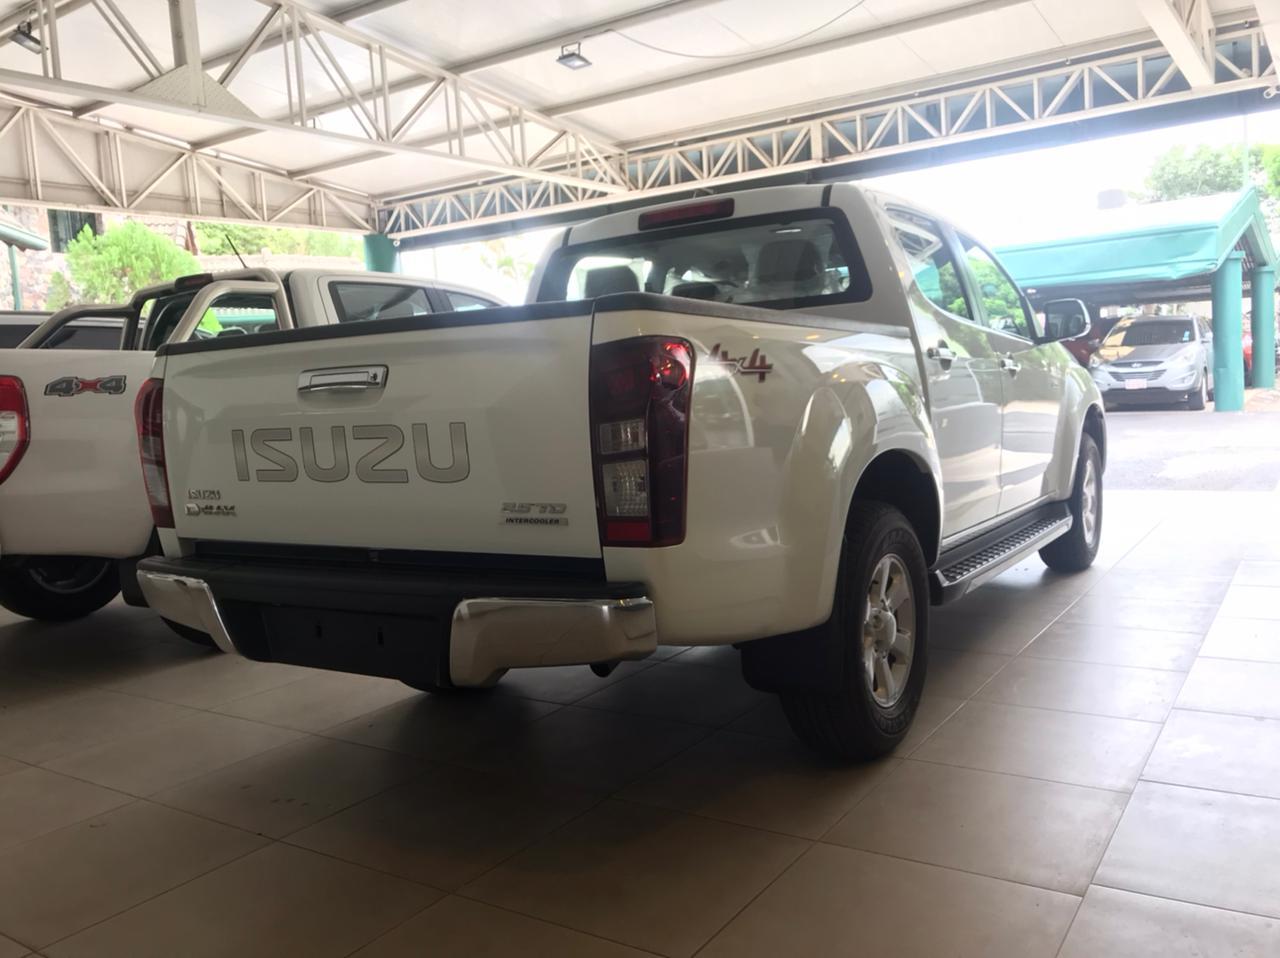 ISUZU D-MAX 4X4 2021